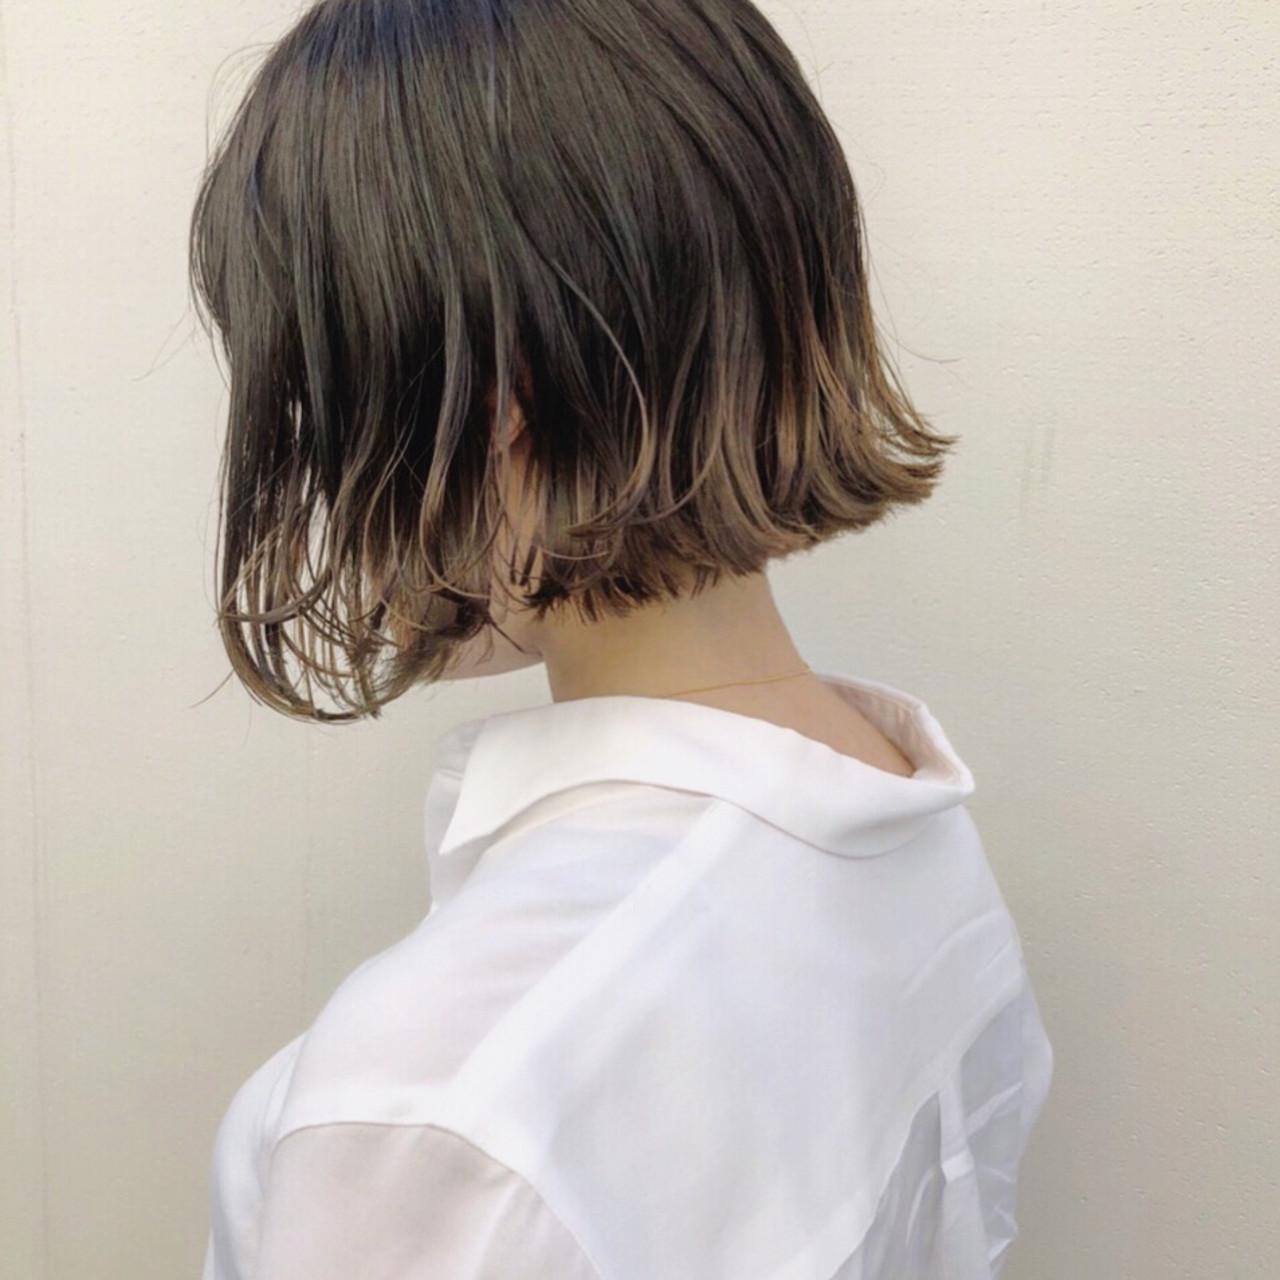 グラデーションカラー ボブ ストリート グレージュ ヘアスタイルや髪型の写真・画像 | 野口勇樹【ボブ×透けるダークトーン】 / GO TODAY渋谷